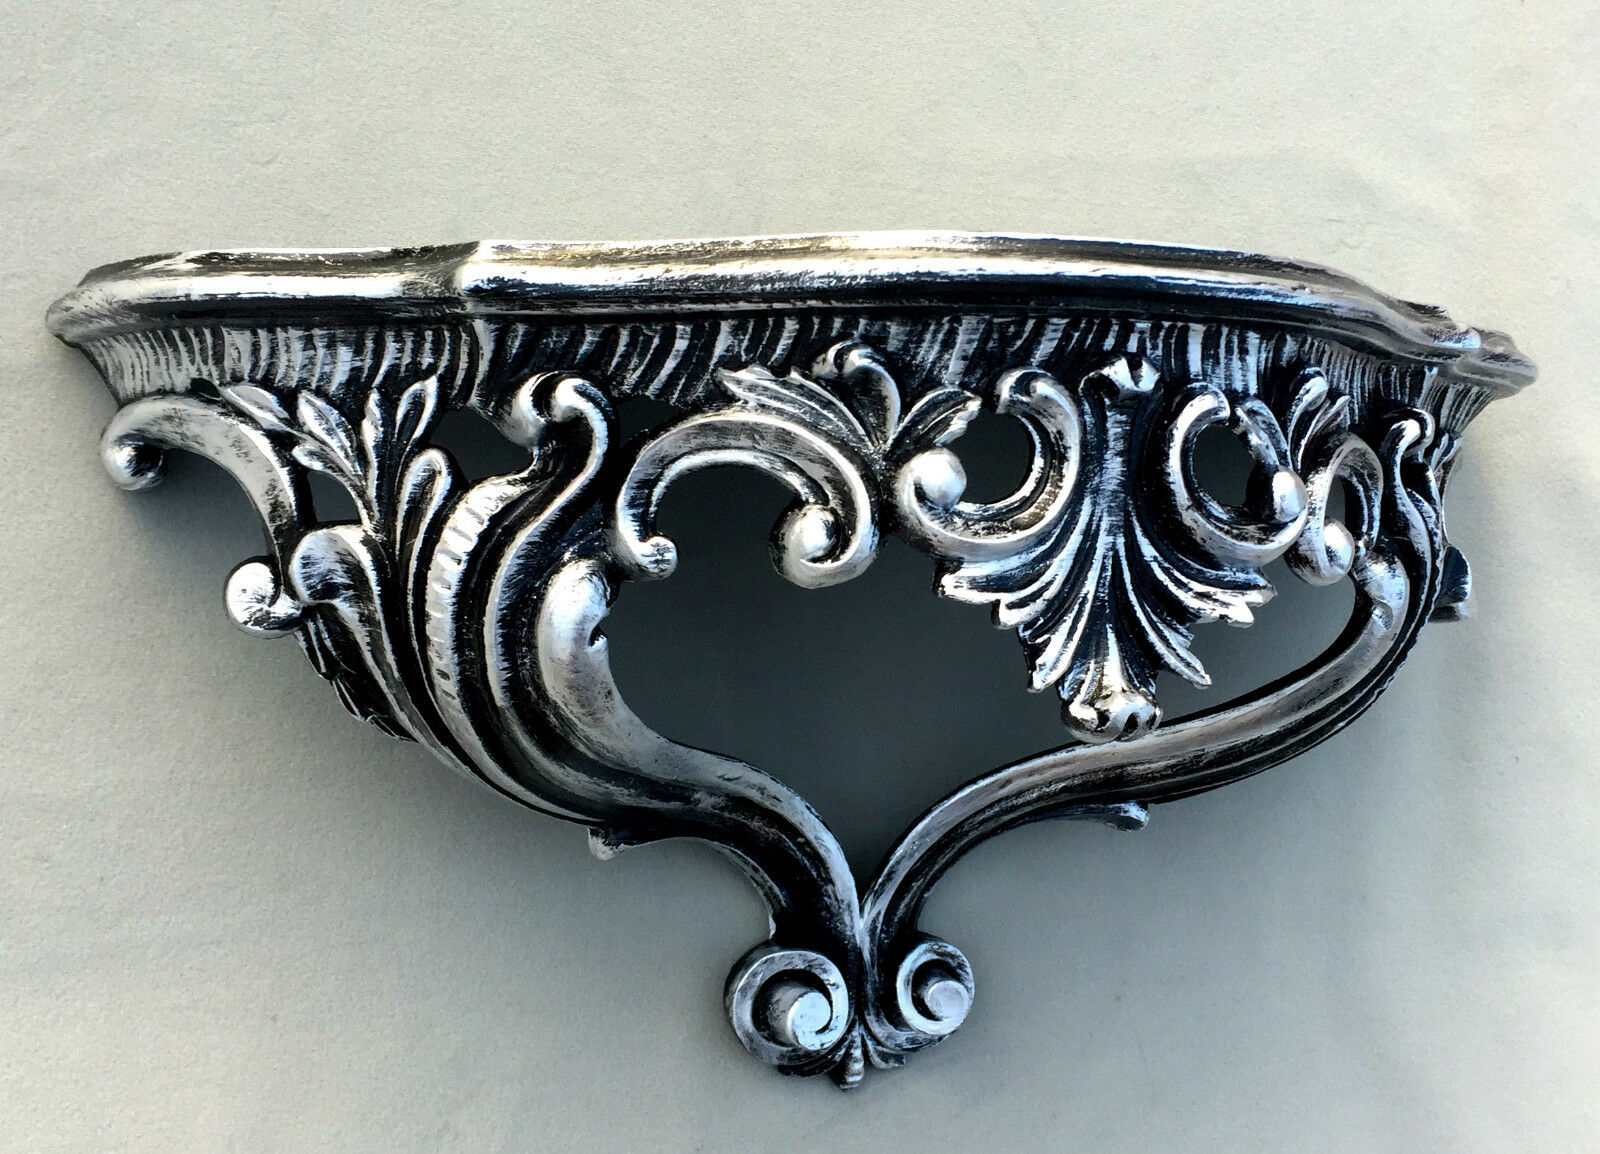 Wandkonsole Silber Barock 38x20 Spiegelkonsole//Wandregal ANTIK